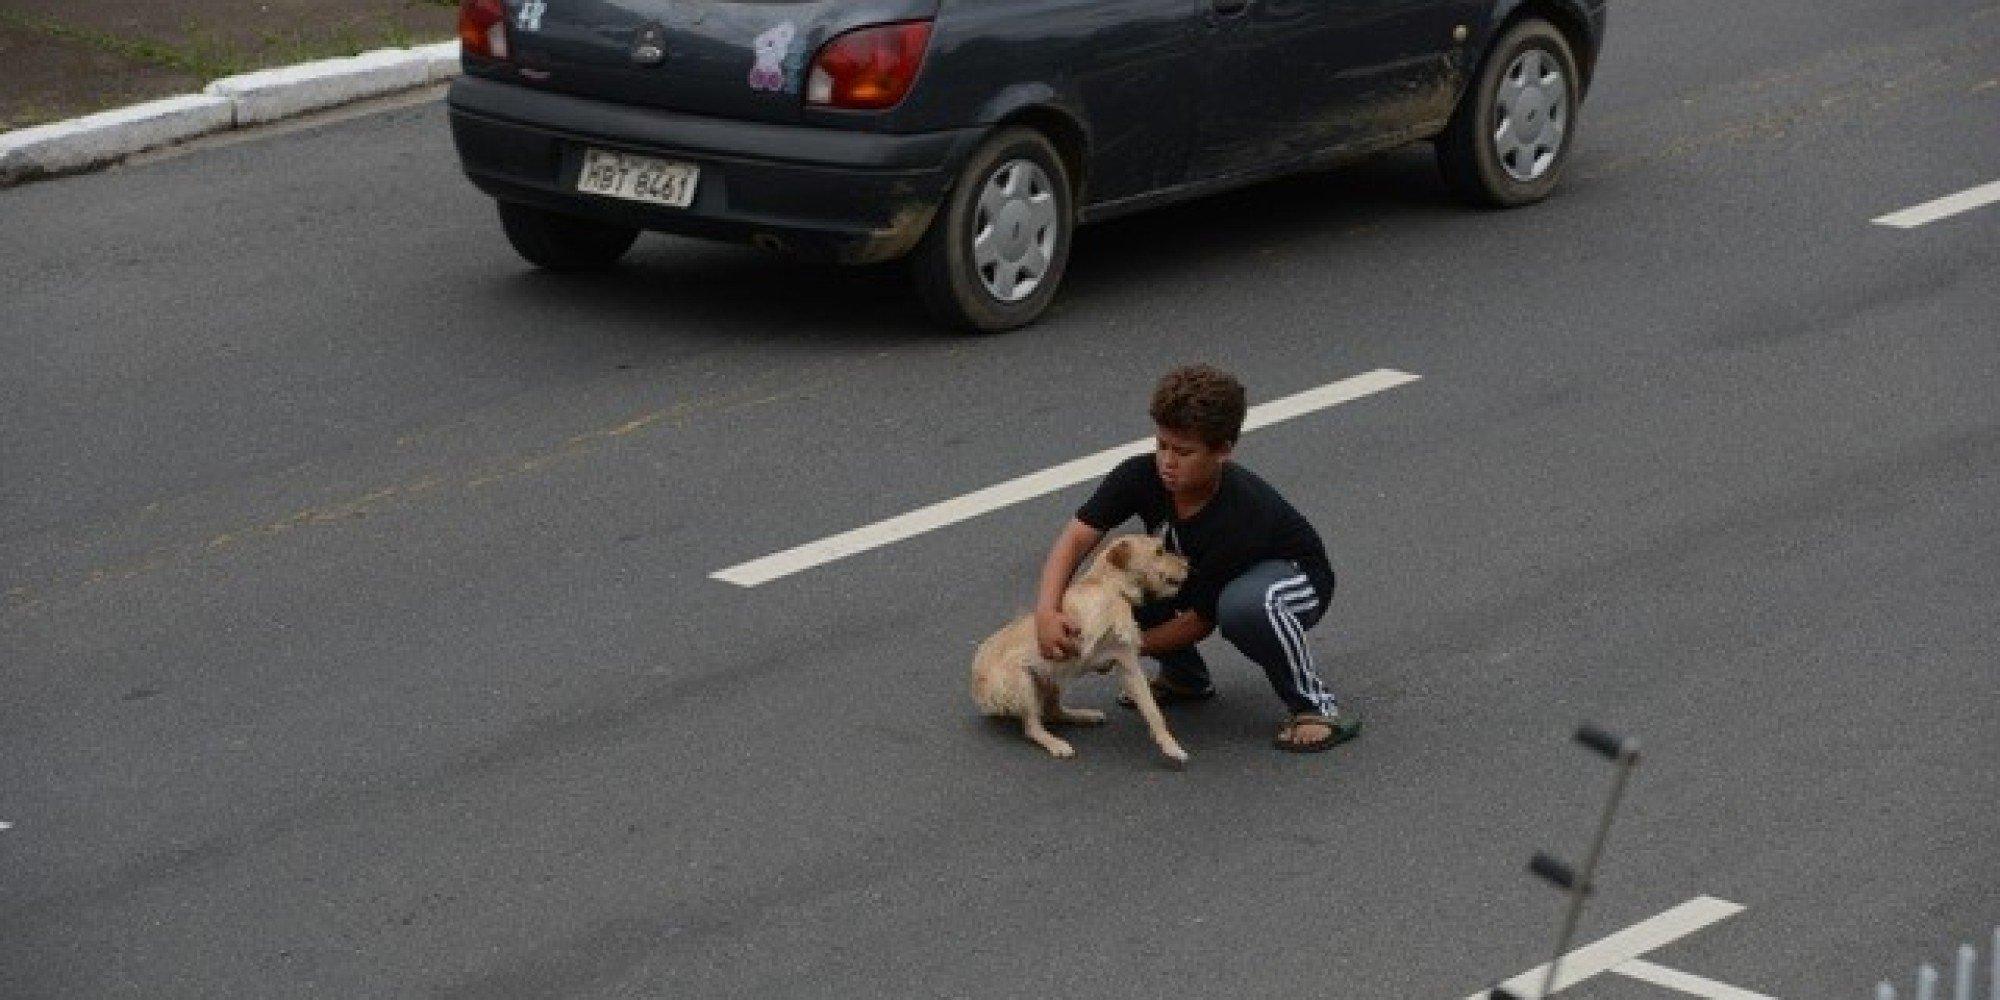 Девушка преднамеренно переехала намашине пса наглазах у владельца воВладивостоке